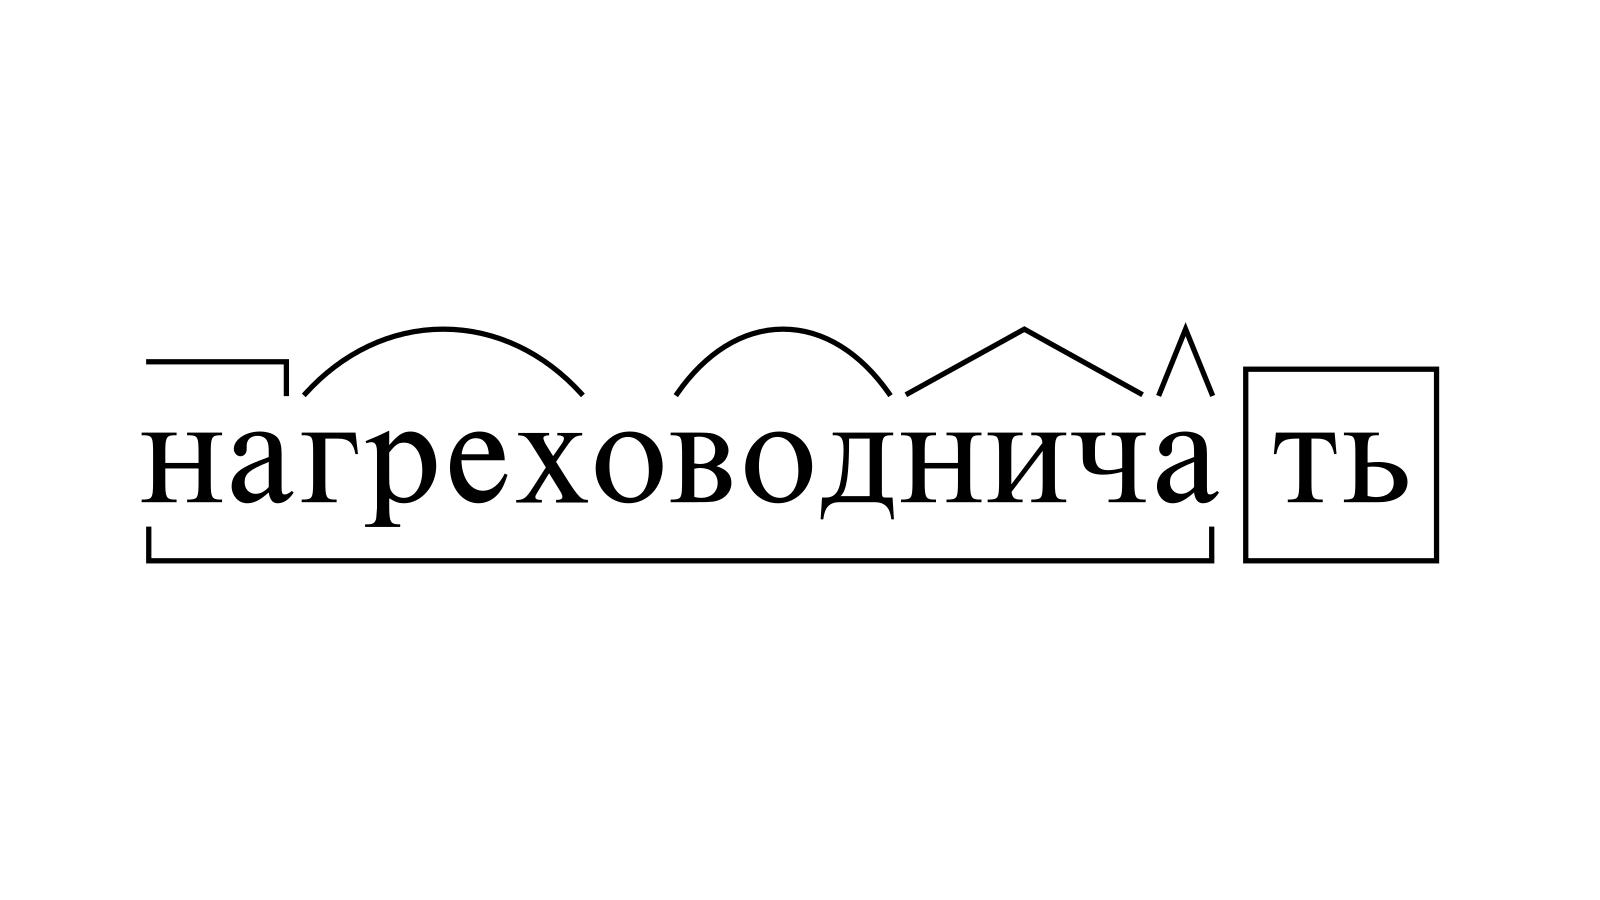 Разбор слова «нагреховодничать» по составу